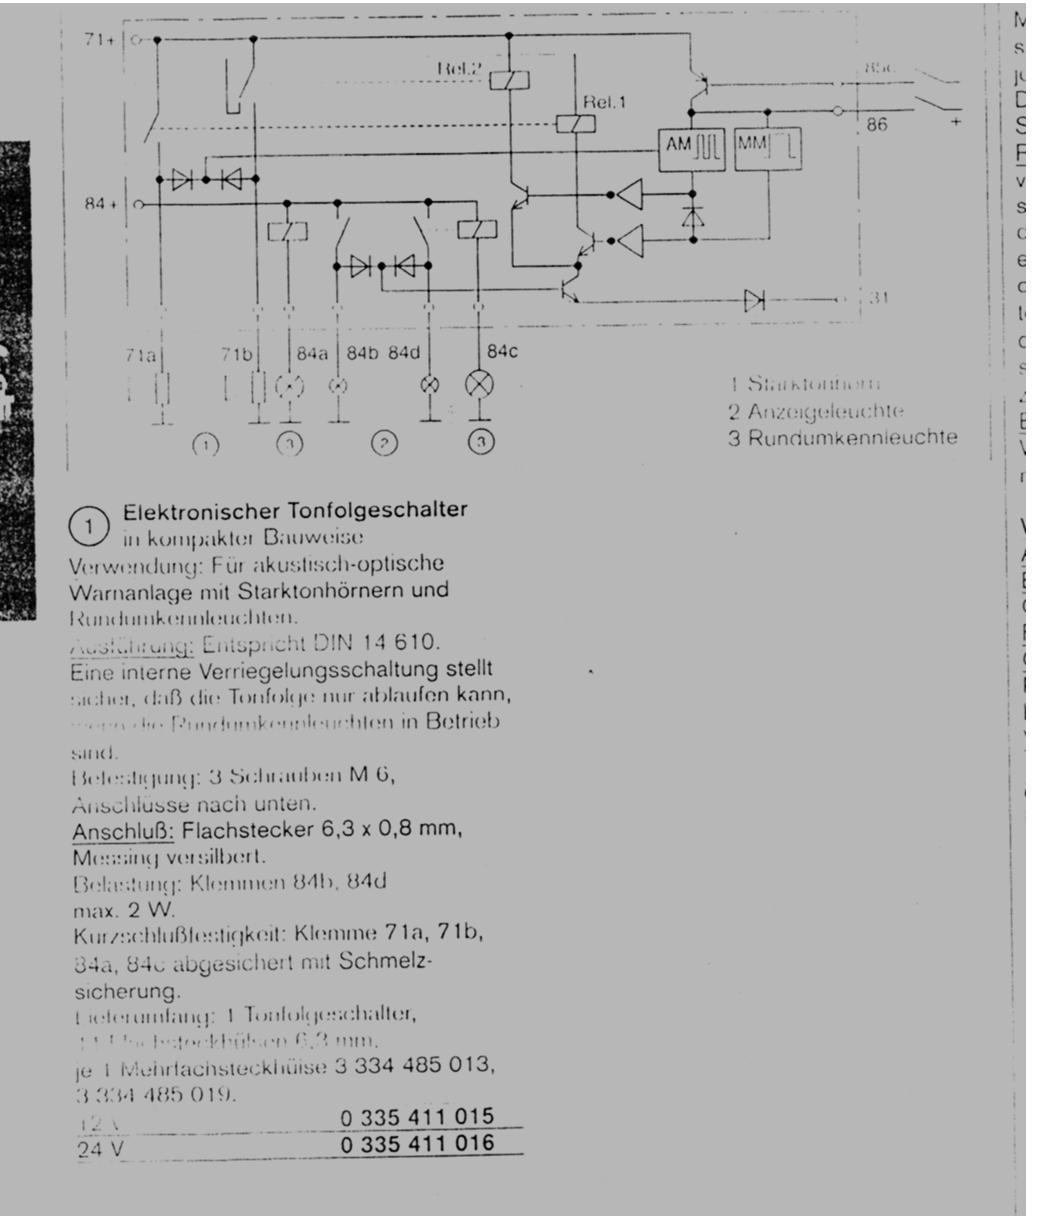 Bosch-Tonfolgeschalter ohne Leuchten betreiben - aber wie? - www ...